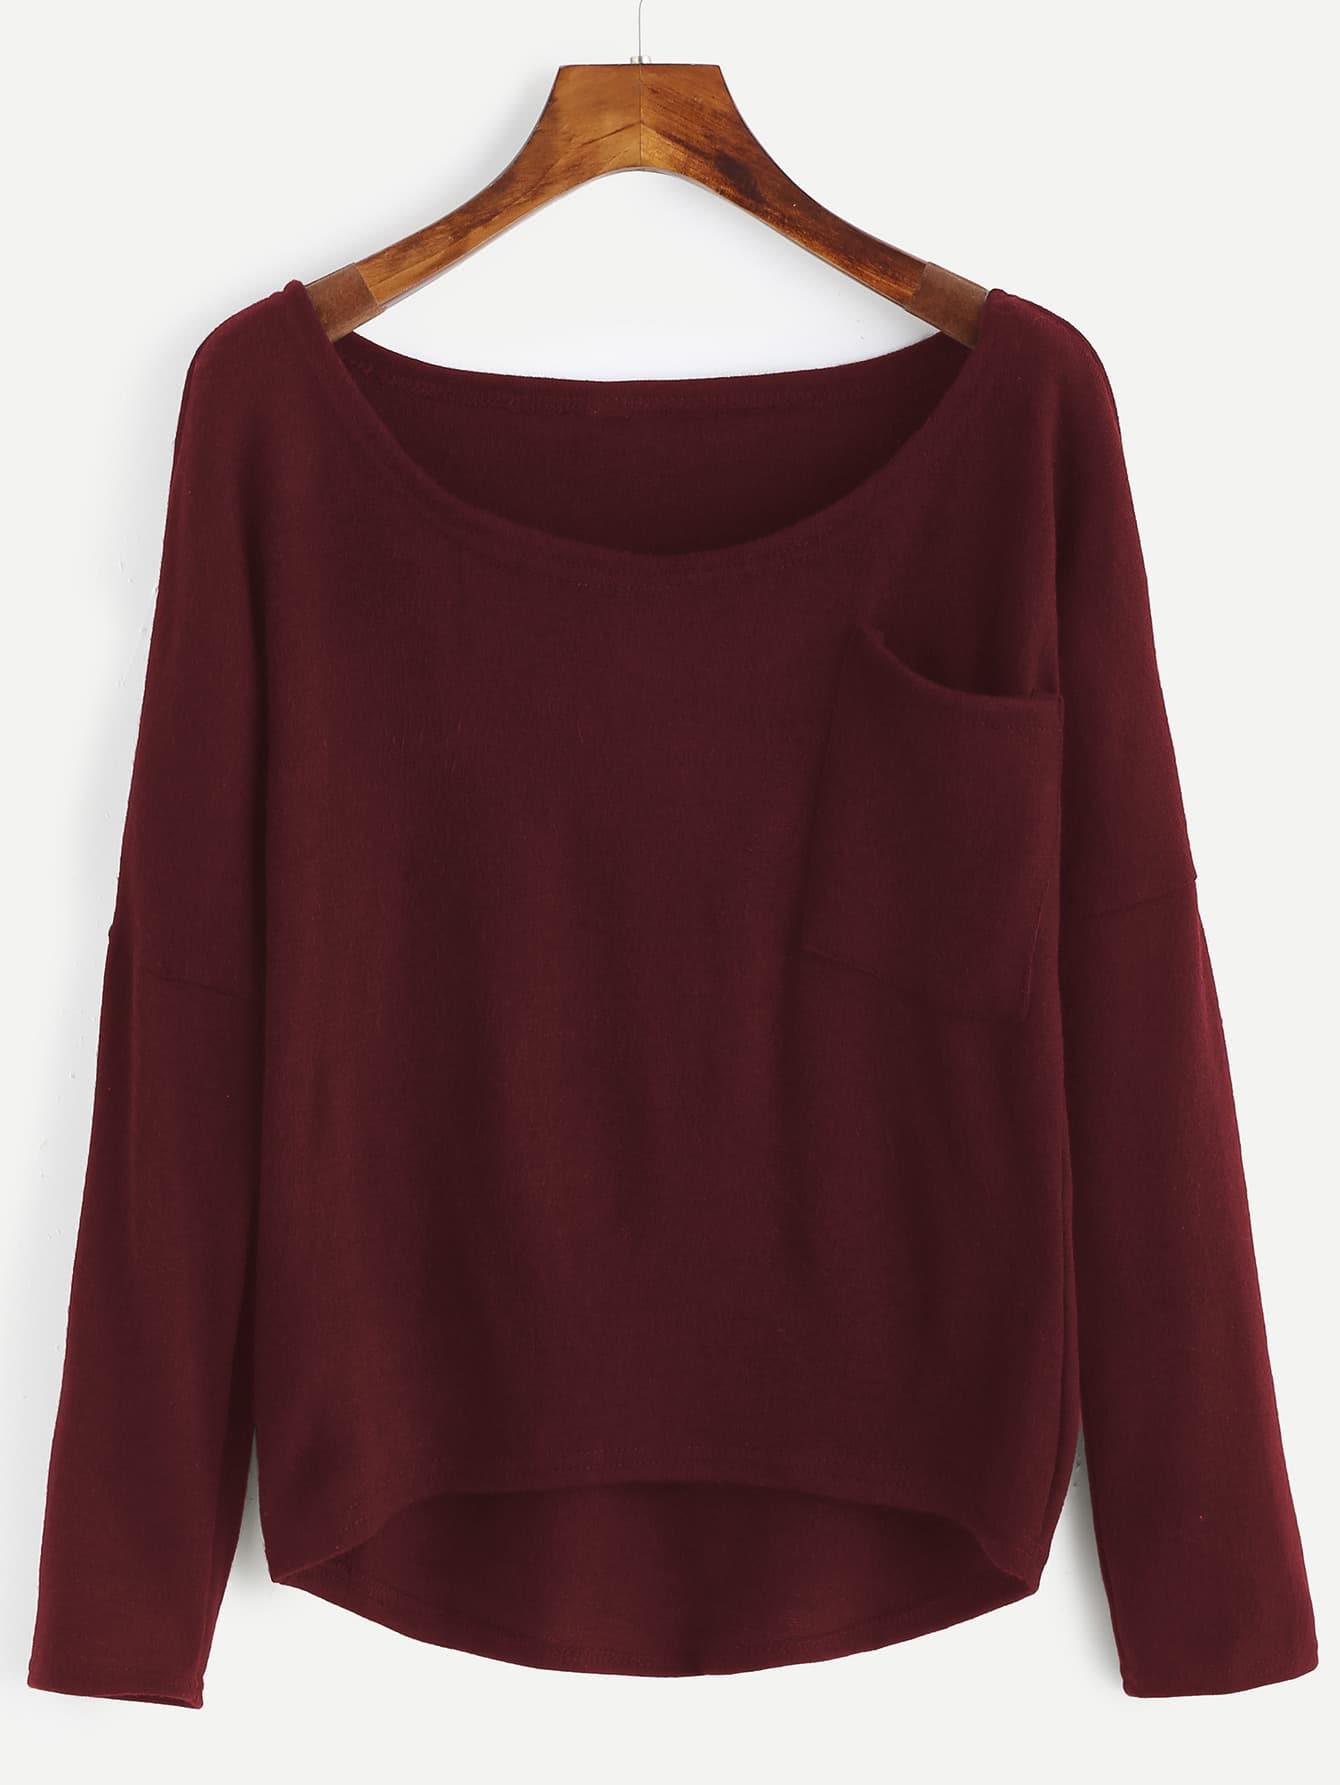 Asymmetrischer Pullover mit sehr tief angesetzter Schulterpartie